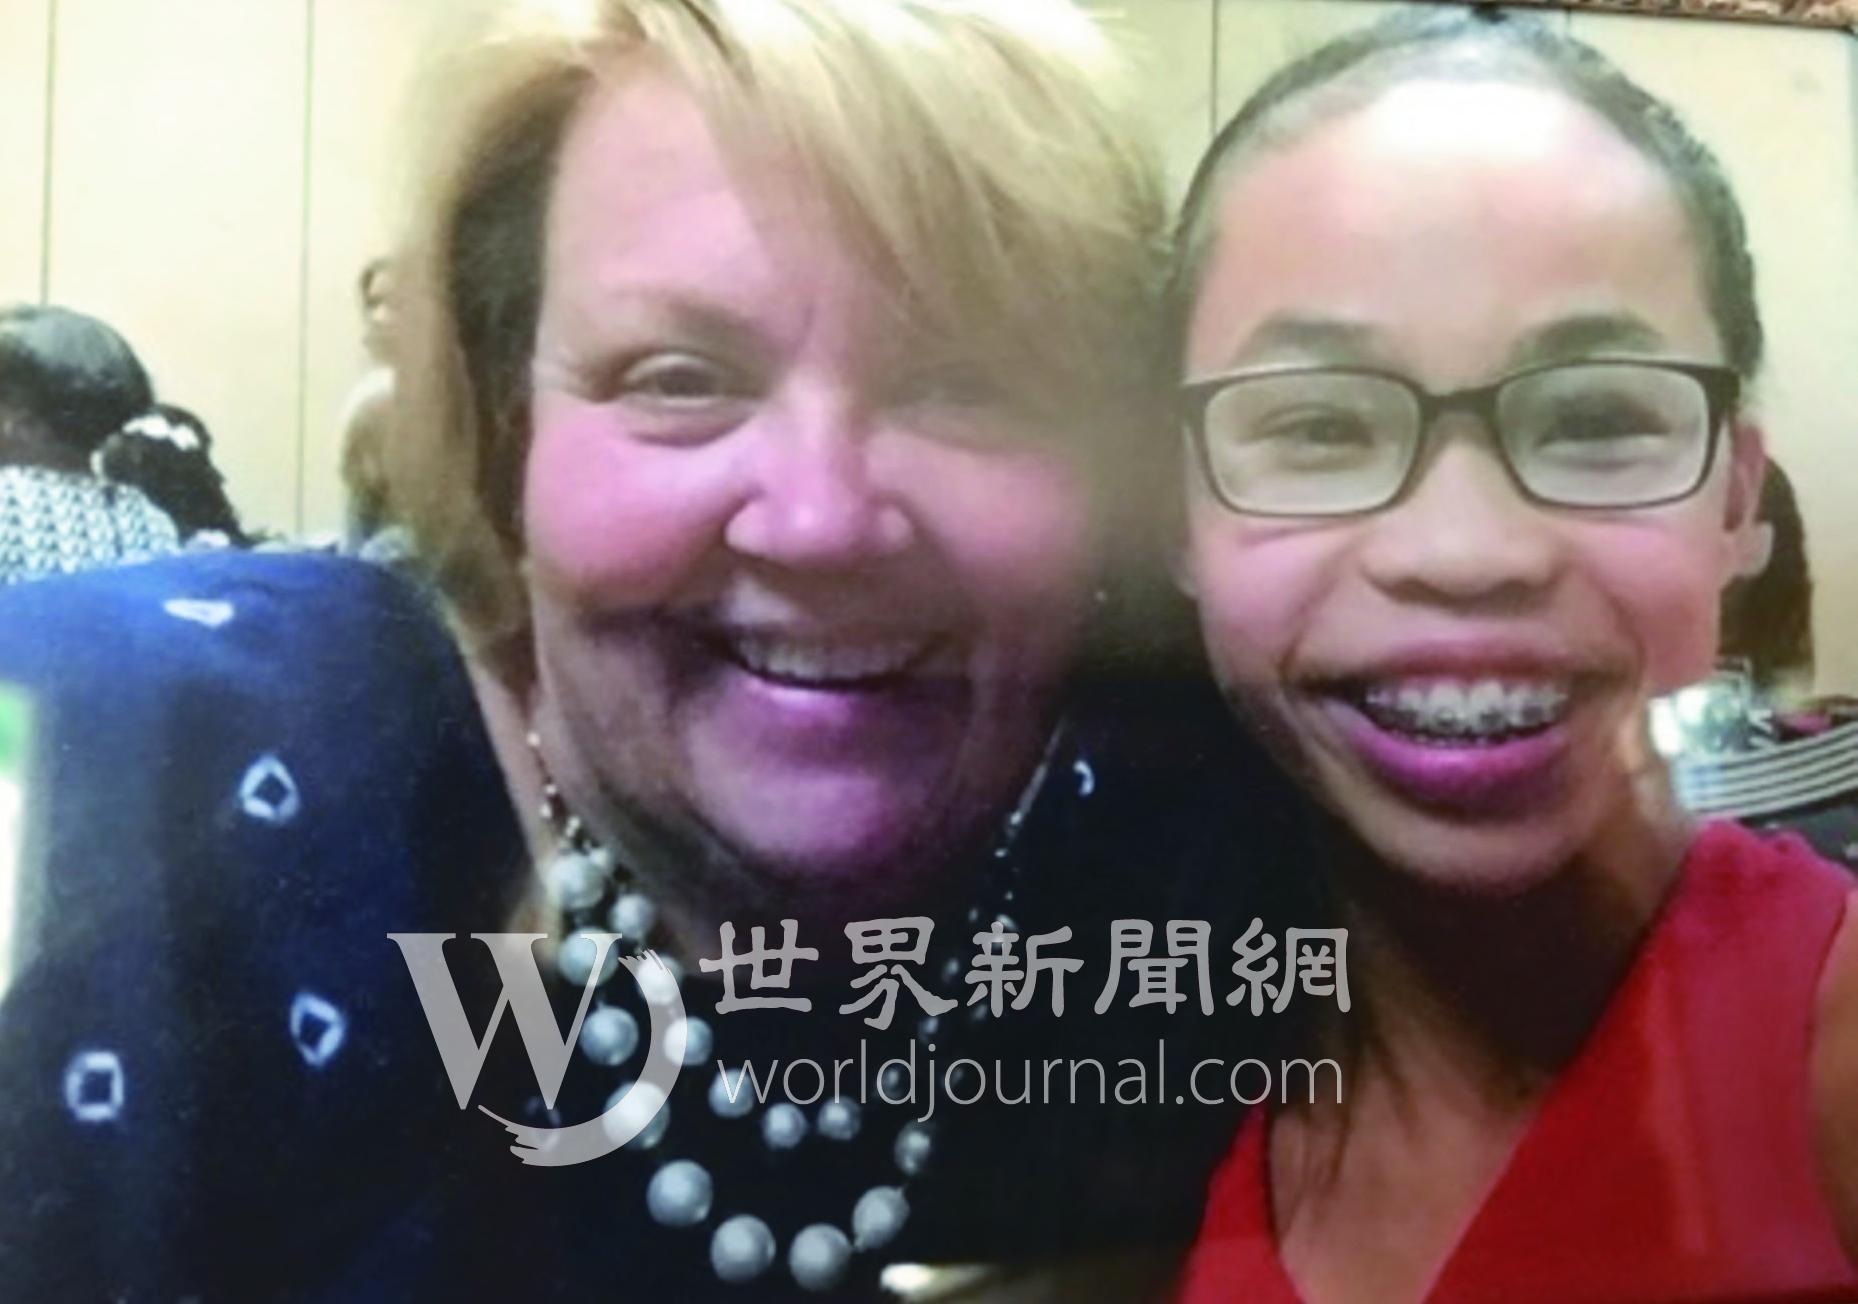 體操新星吳穎思(右)16年前被母親雪莉(右)從中國廣西收養,吳穎思表示她喜歡中國。(雪莉提供)